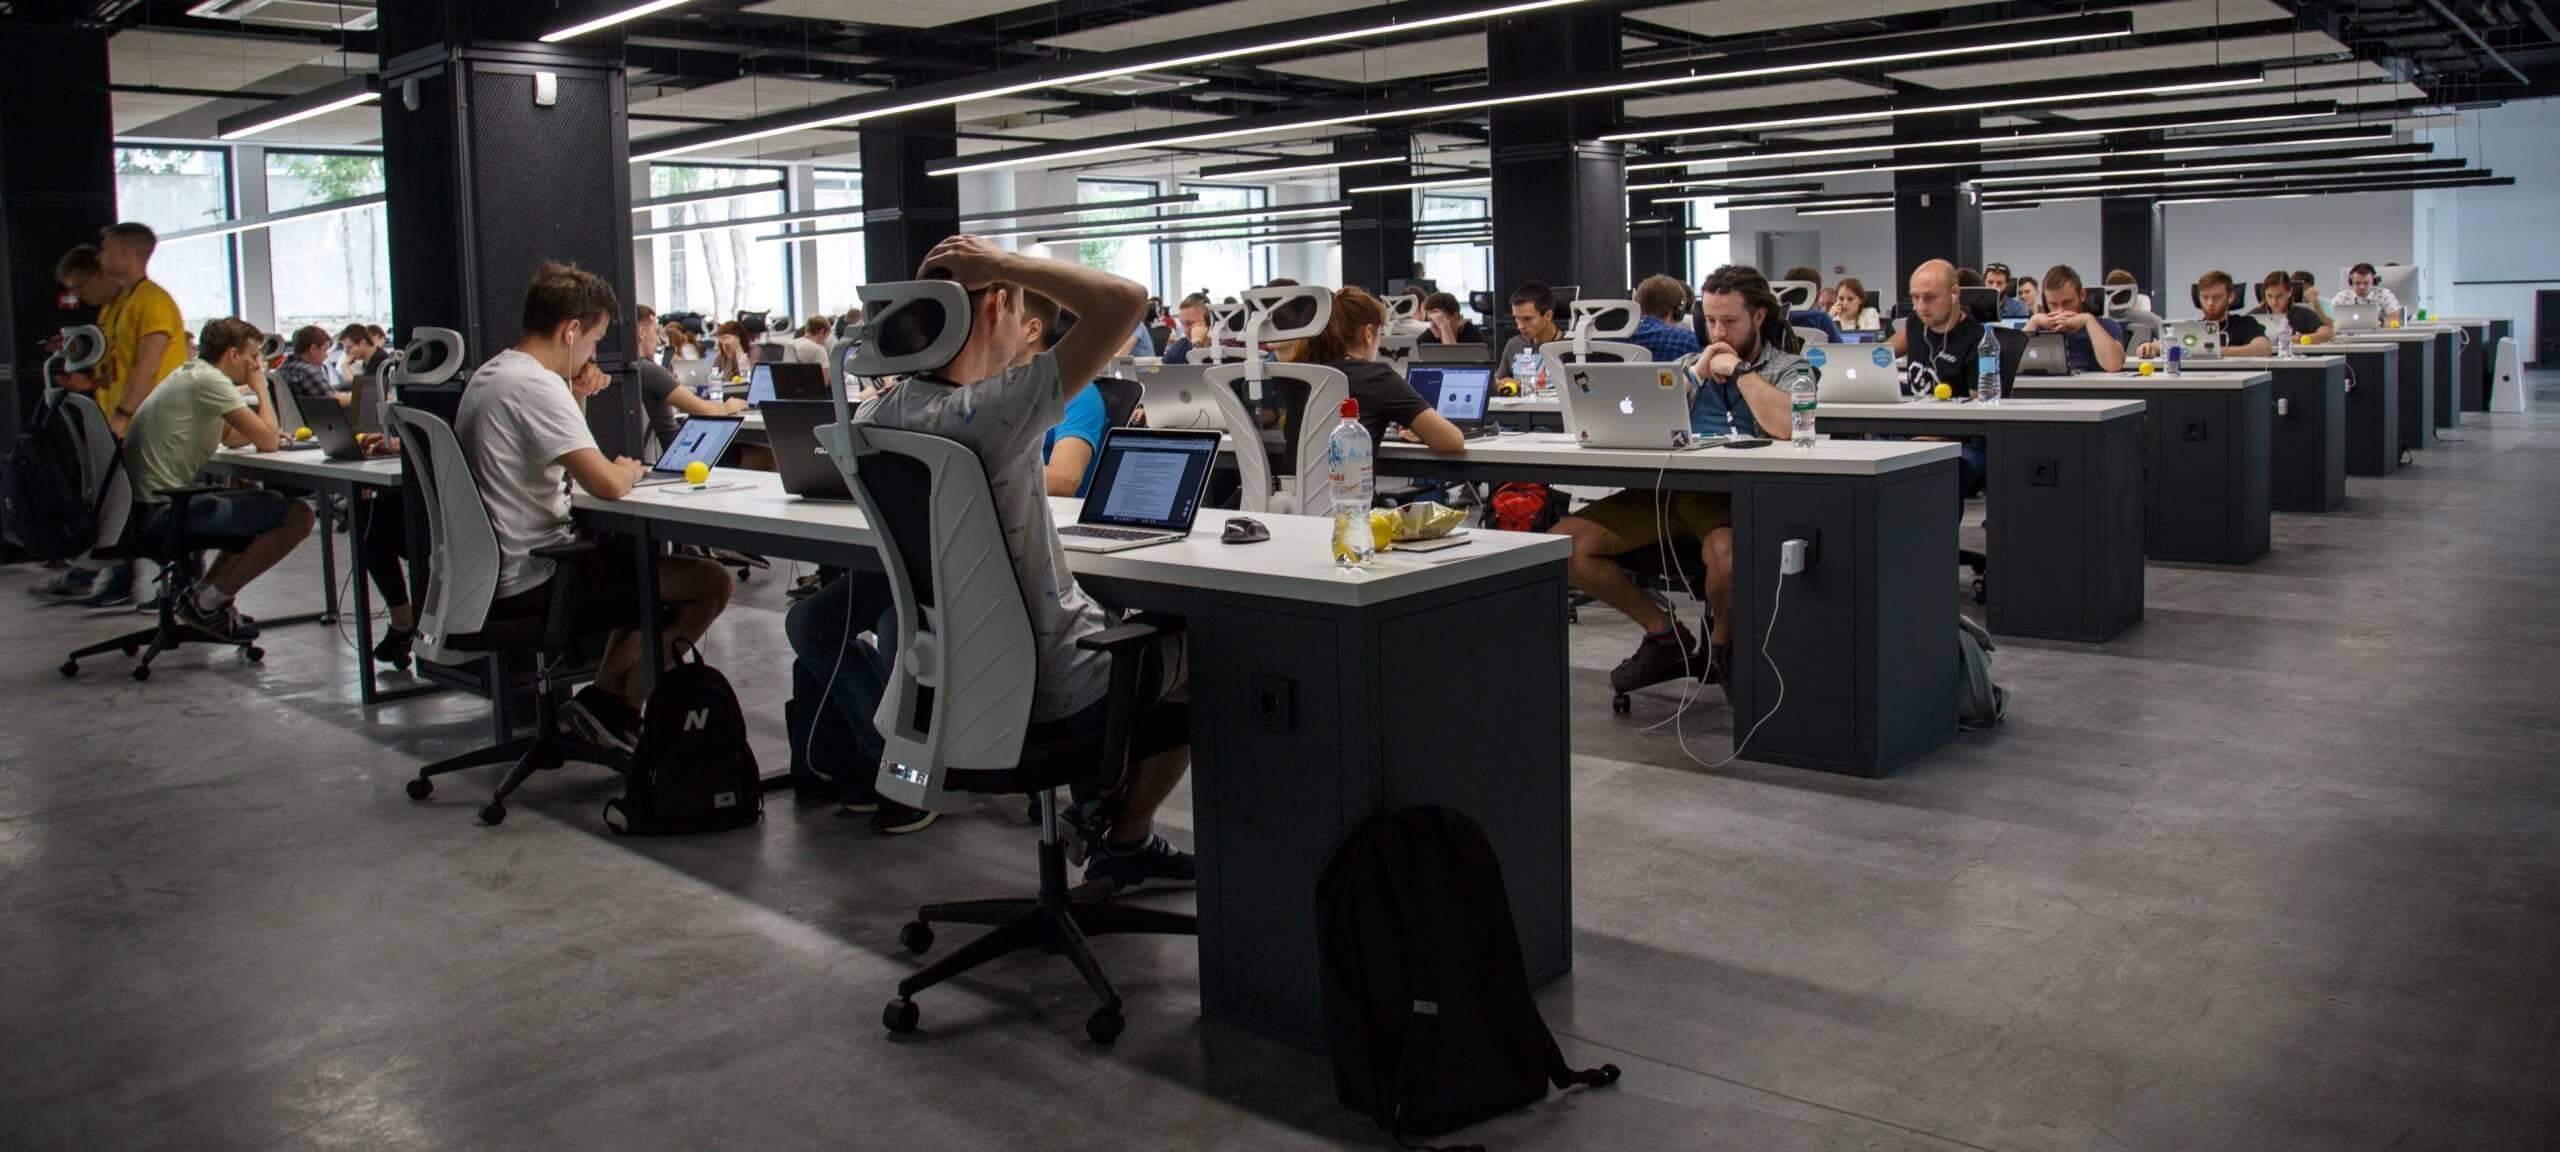 Digitalizácia podnikania je príležitosťou ale aj ohrozením súčasných firiem